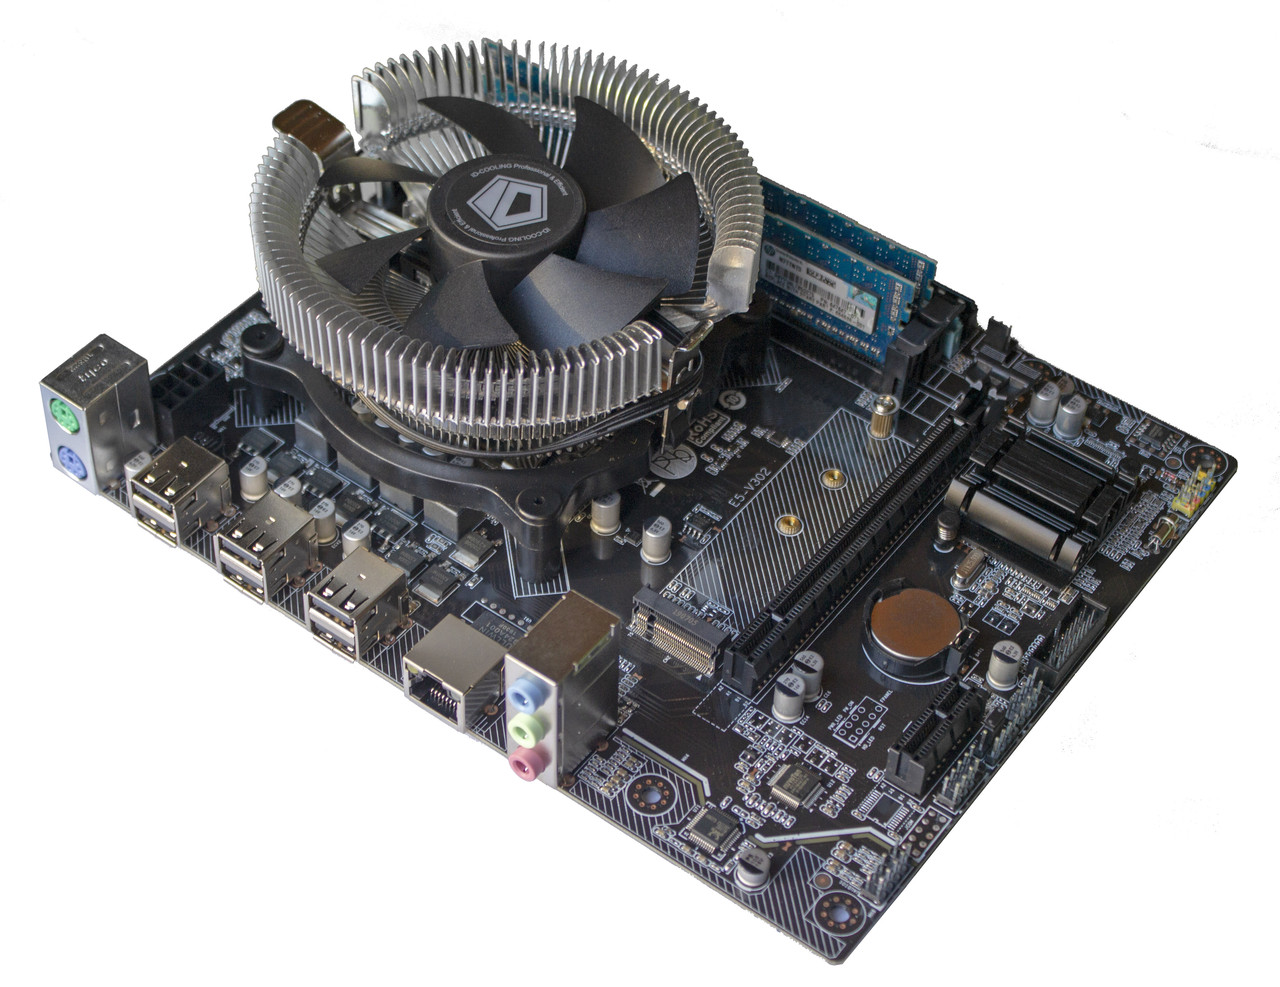 Материнская плата E5-V302 + Xeon E5-2440 2.4-2.9 GHz + 16 GB RAM + Кулер, LGA 1356